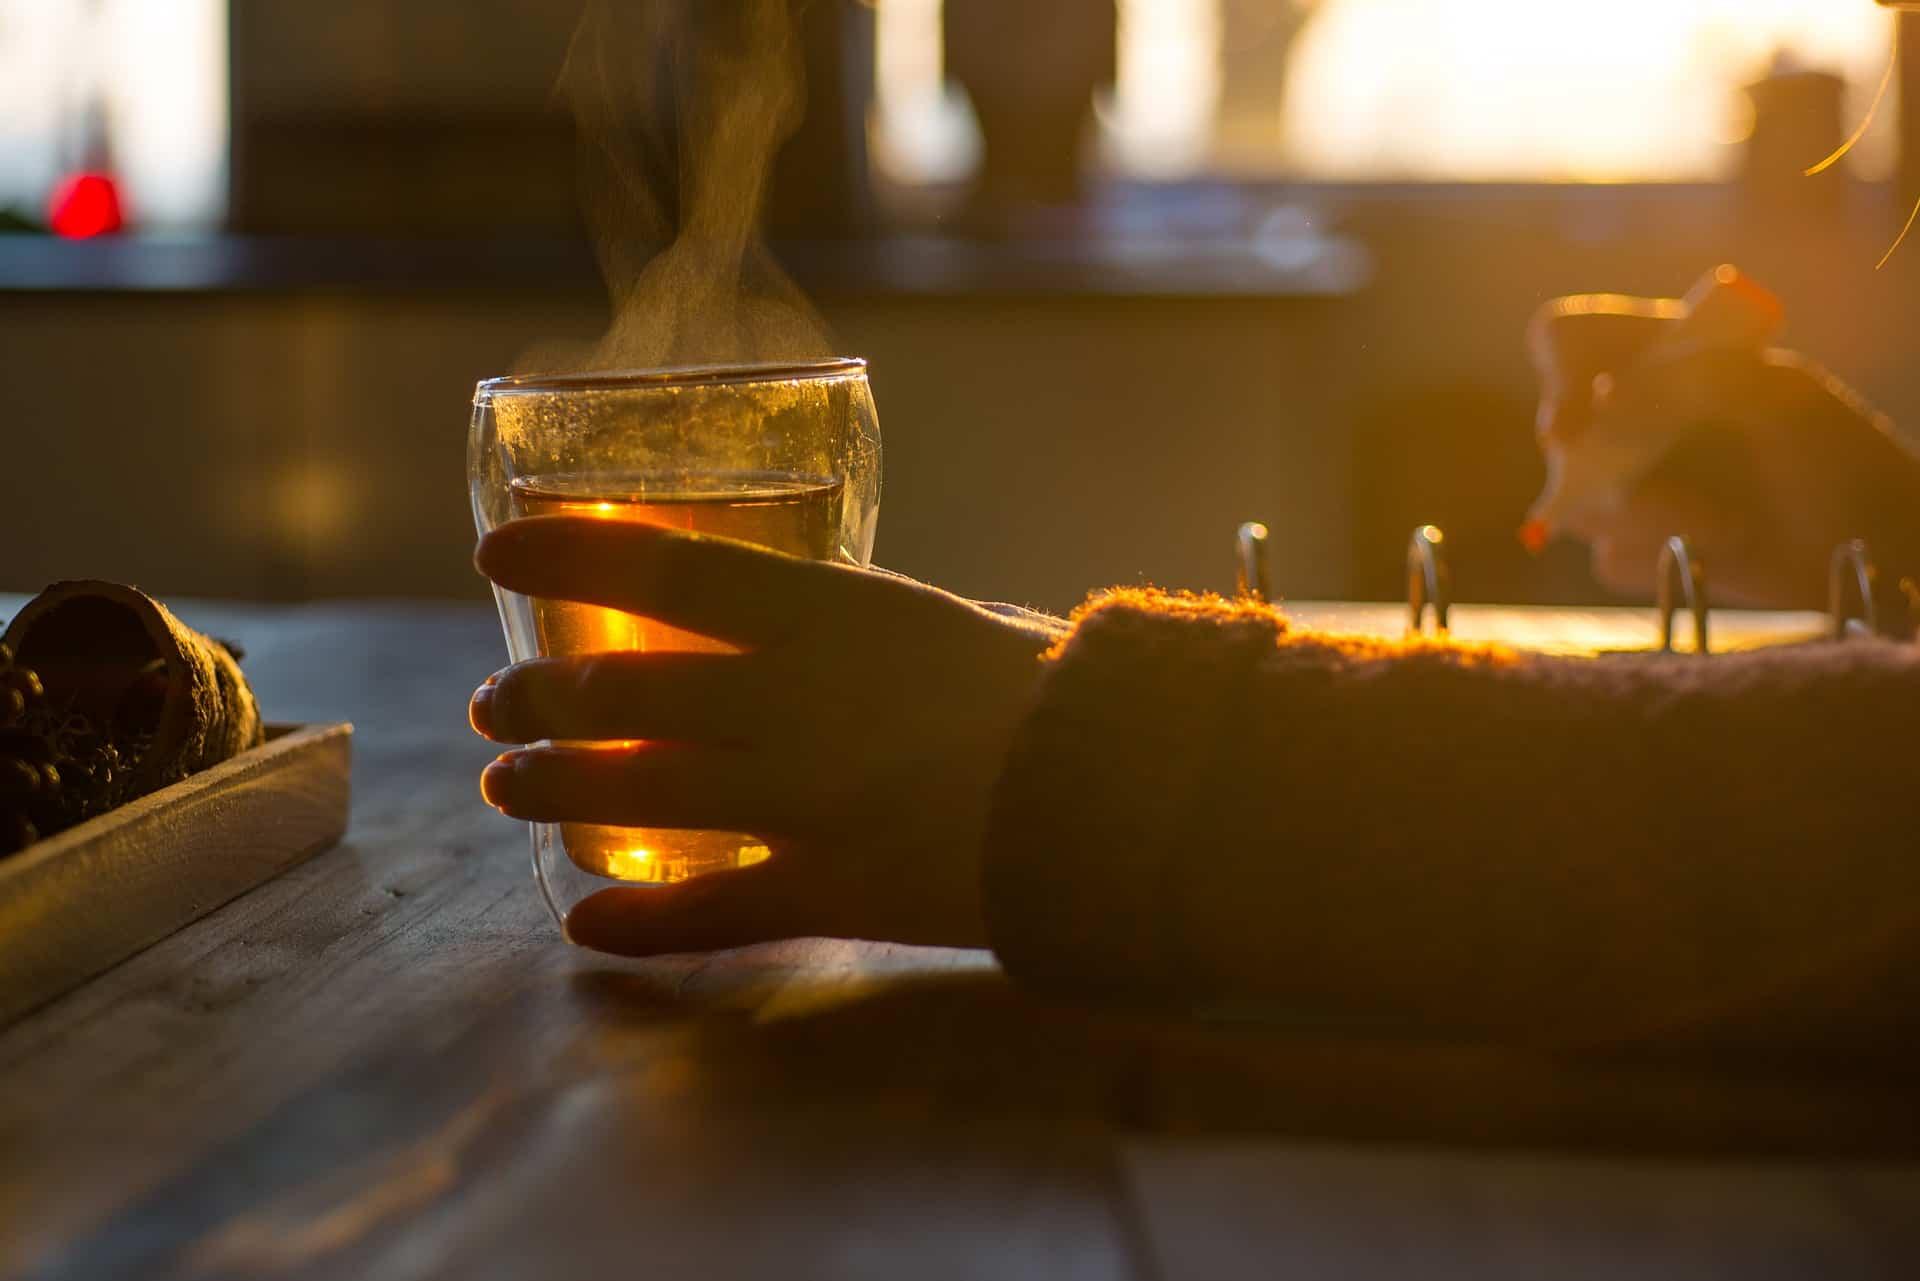 Imagem de mulher tomando chá quente preparado com infusor em copo de vidro enquanto estuda.